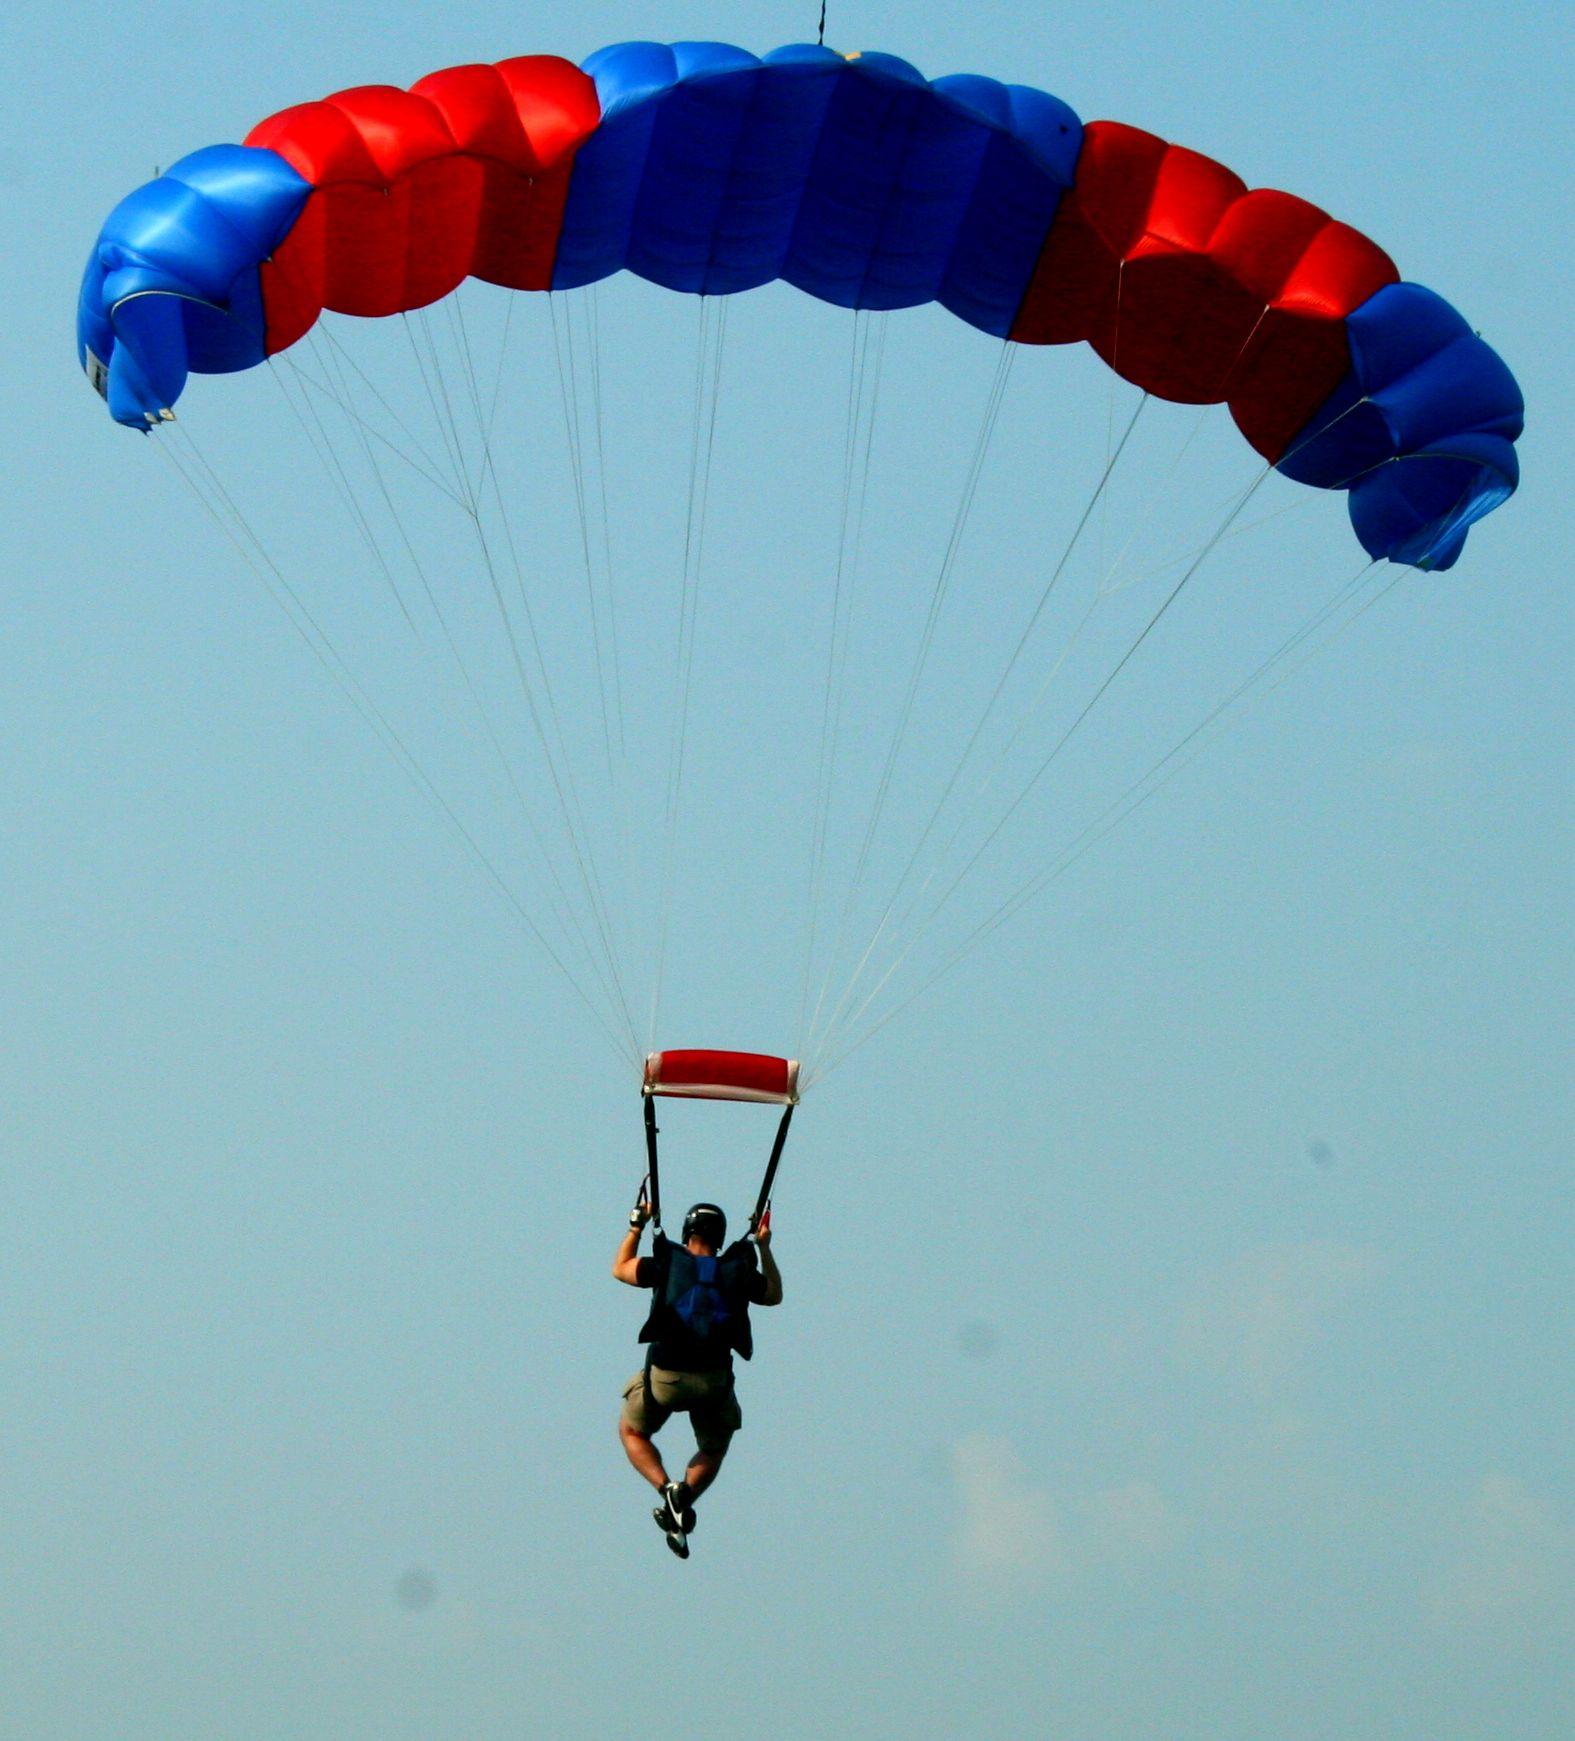 Wv Skydivers